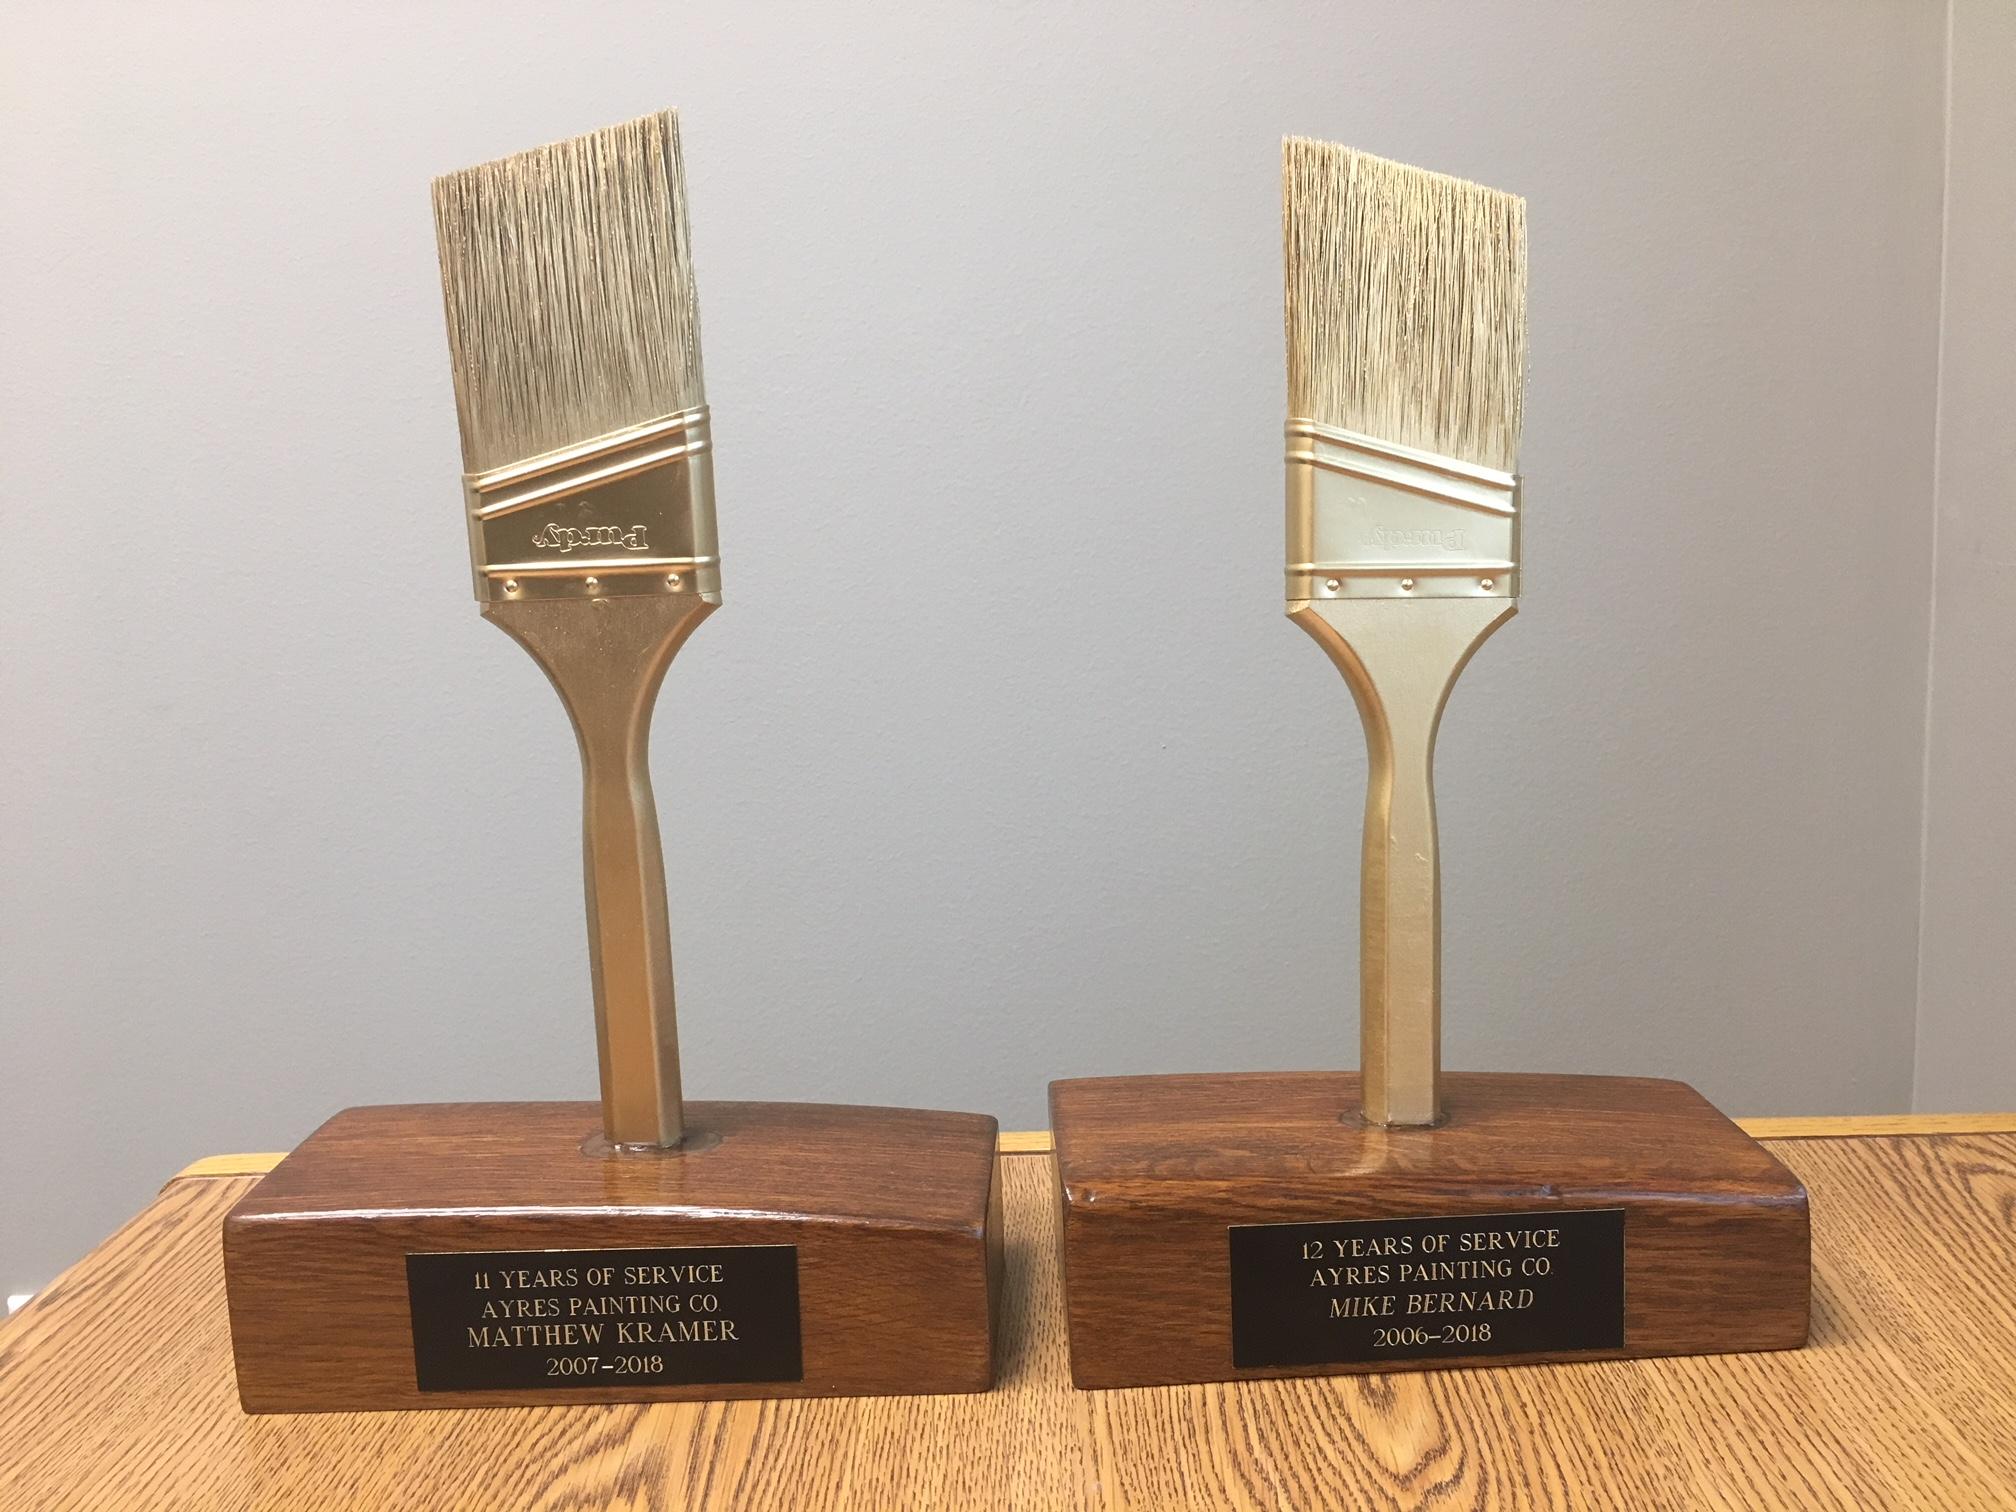 Golden brush award smaller